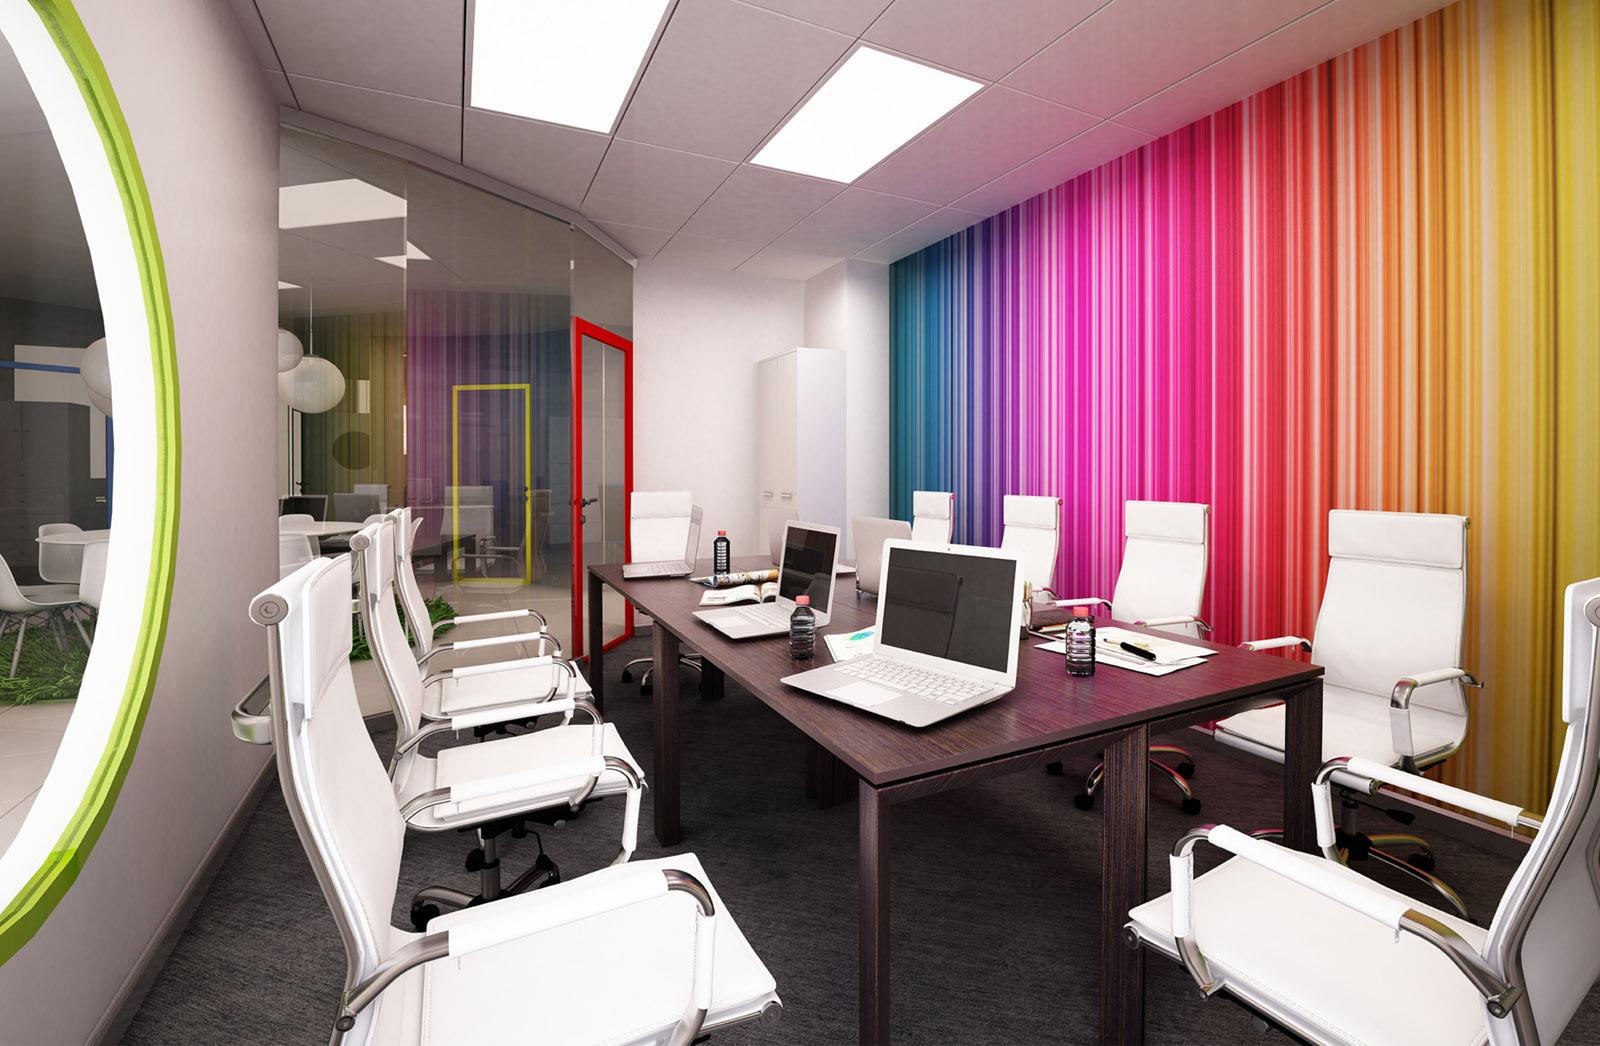 Mur multicolore dans la chambre